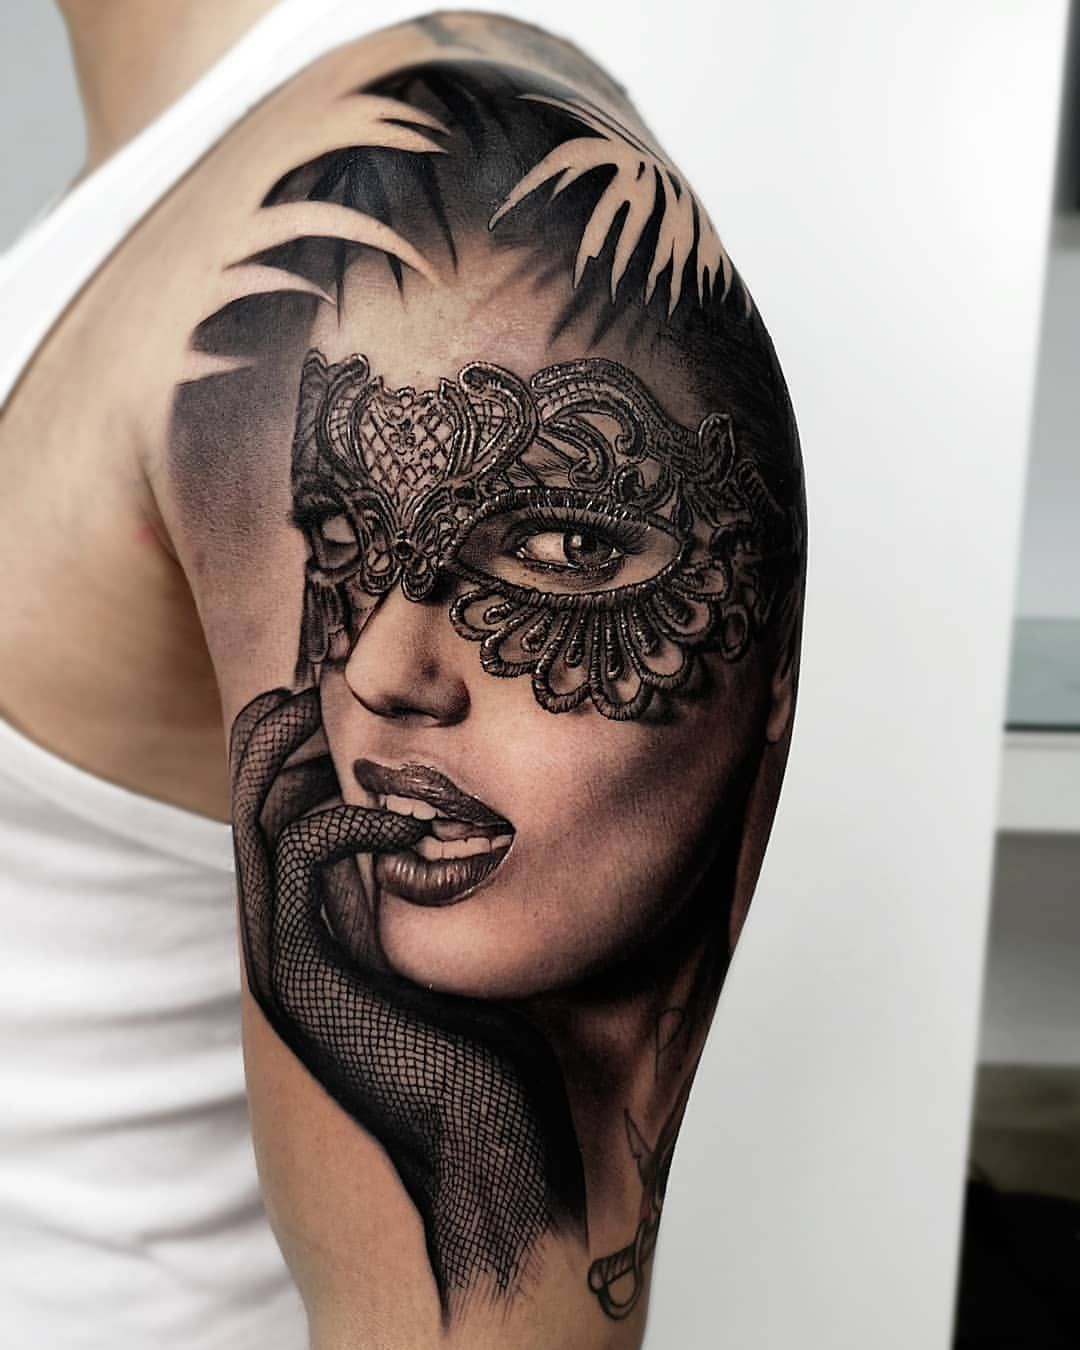 Tattoo Sin Limites Tattoosinlimites Instagram Posts Videos Stories On Instawebviewer Com Nacho Body Art Tattoos Tattoo Inspiration Octopus Tattoo